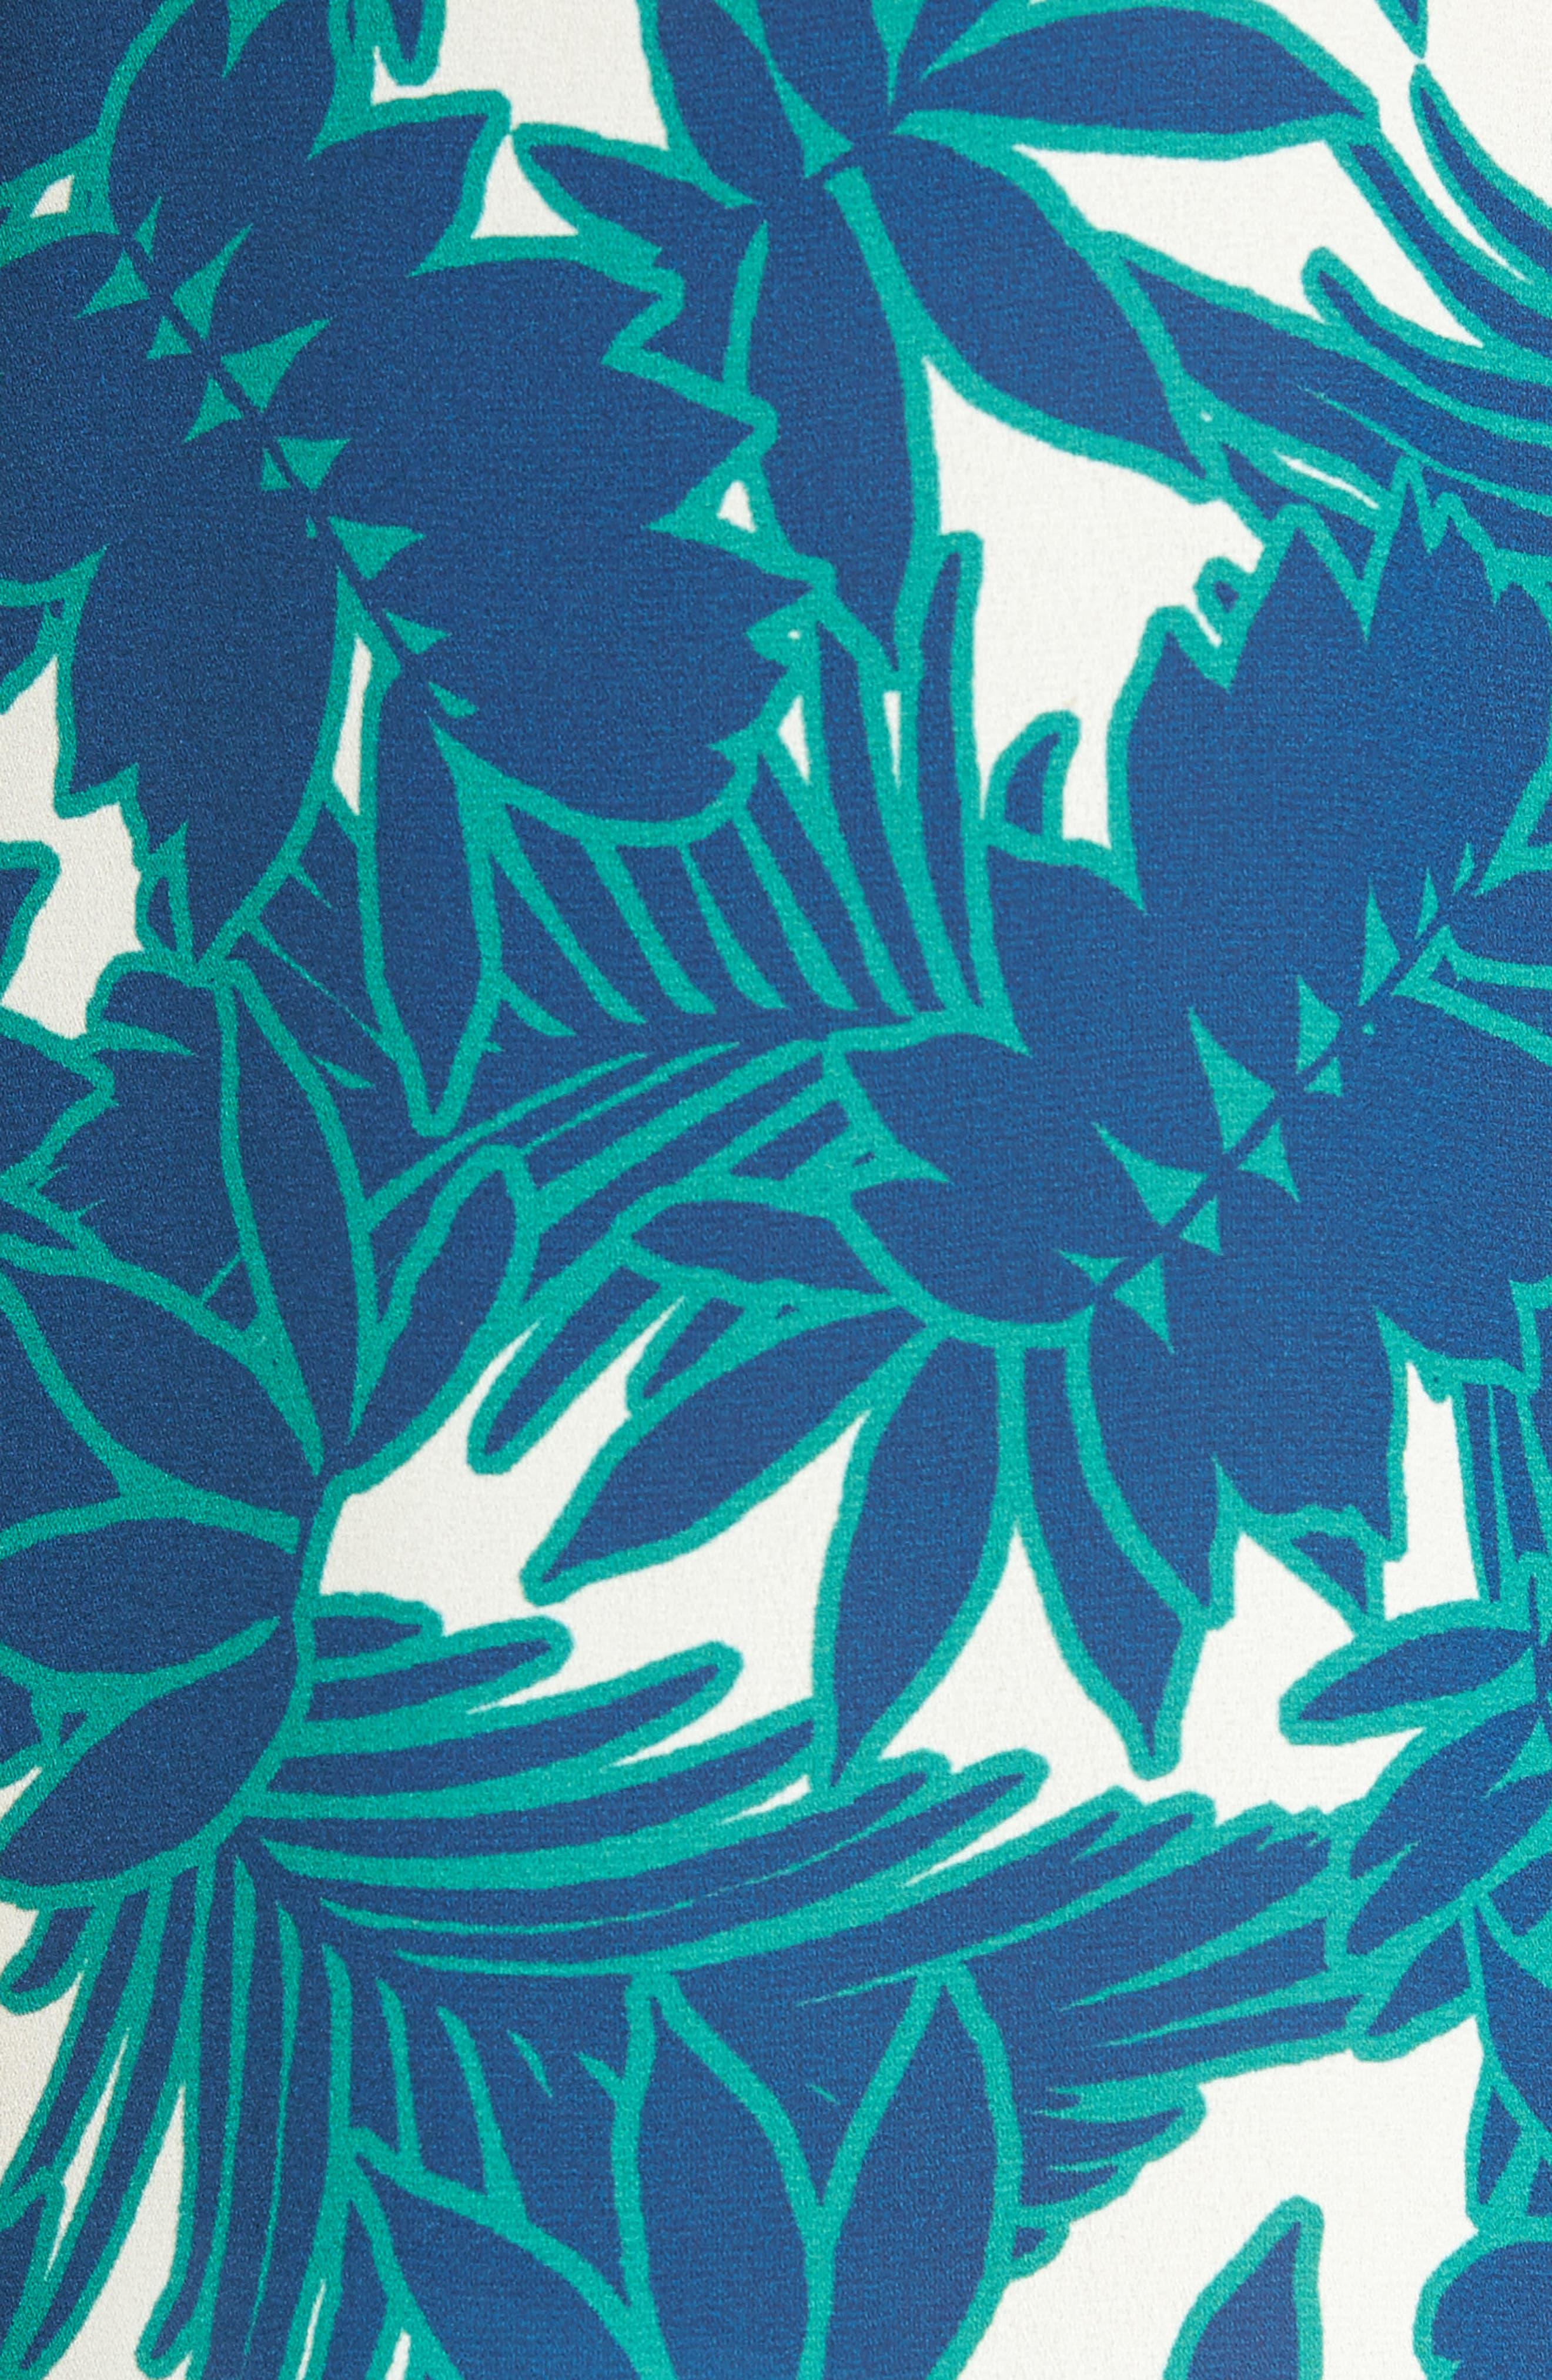 Pleat Back Sleeveless Split Neck Blouse,                             Alternate thumbnail 267, color,